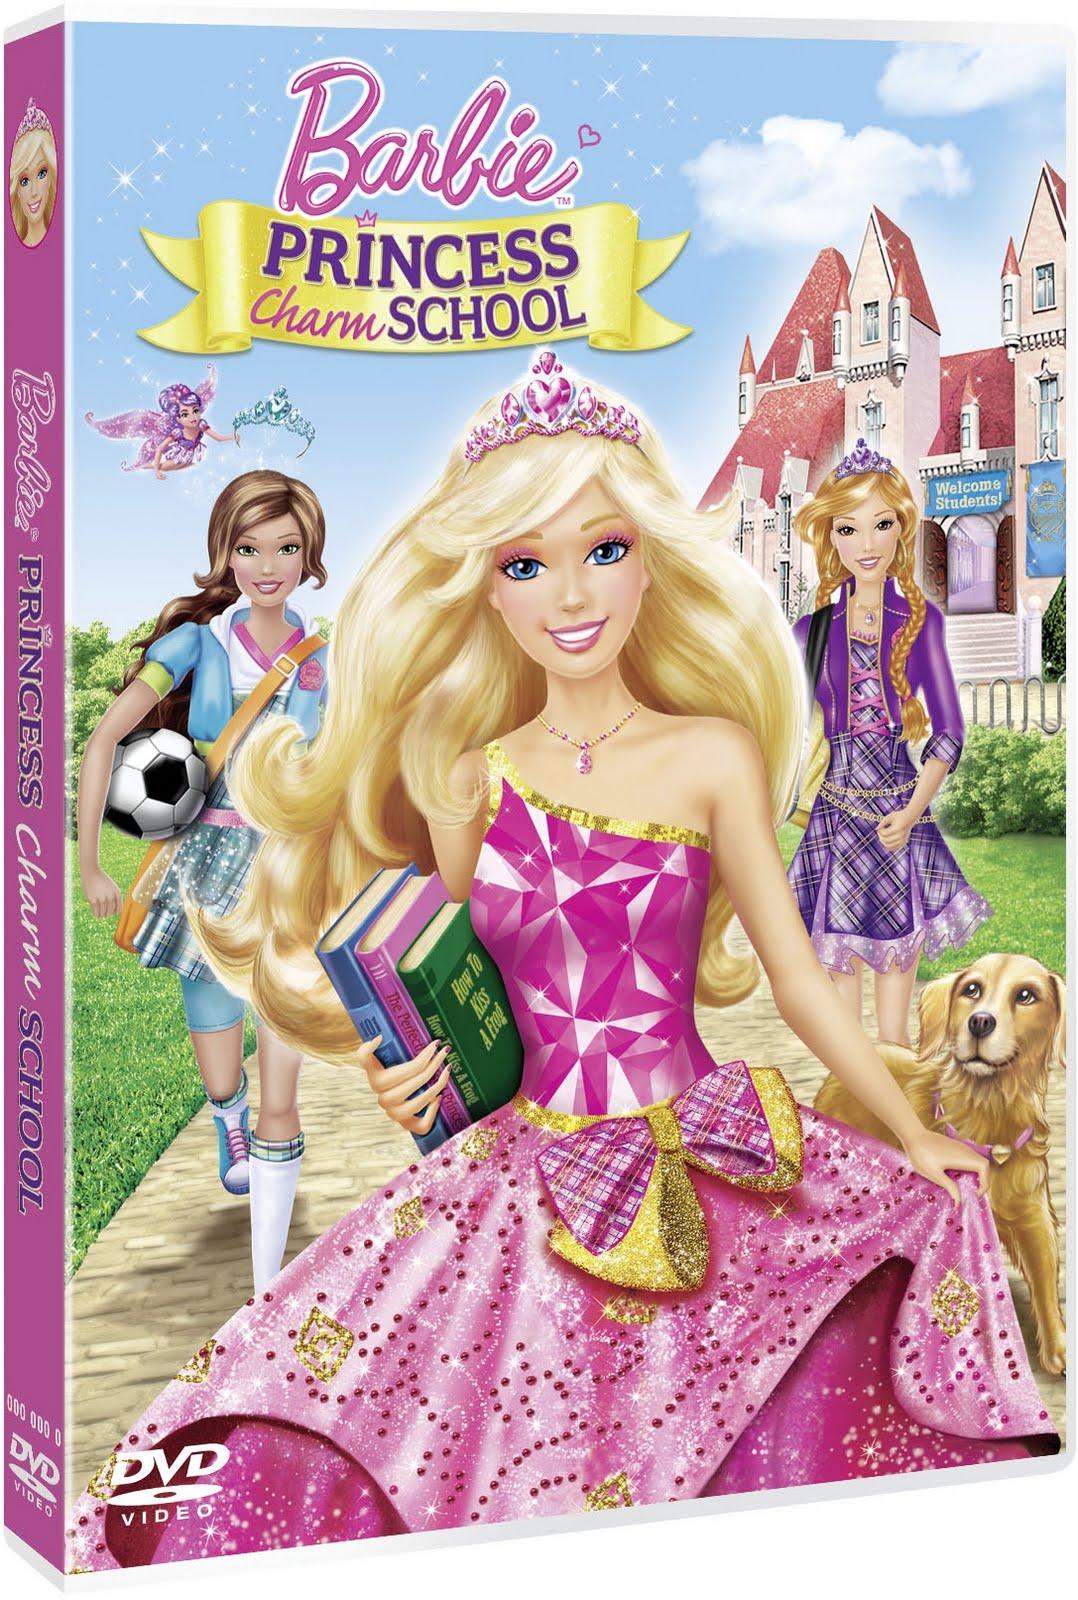 http://4.bp.blogspot.com/-H1aSsXIRruQ/TnuB4zXrVkI/AAAAAAAACA4/-o7kKknjOm0/s1600/Barbie+Princess+Charm+School+%25282011%2529+Espa%25C3%25B1ol+Latino+DVDRip.jpg